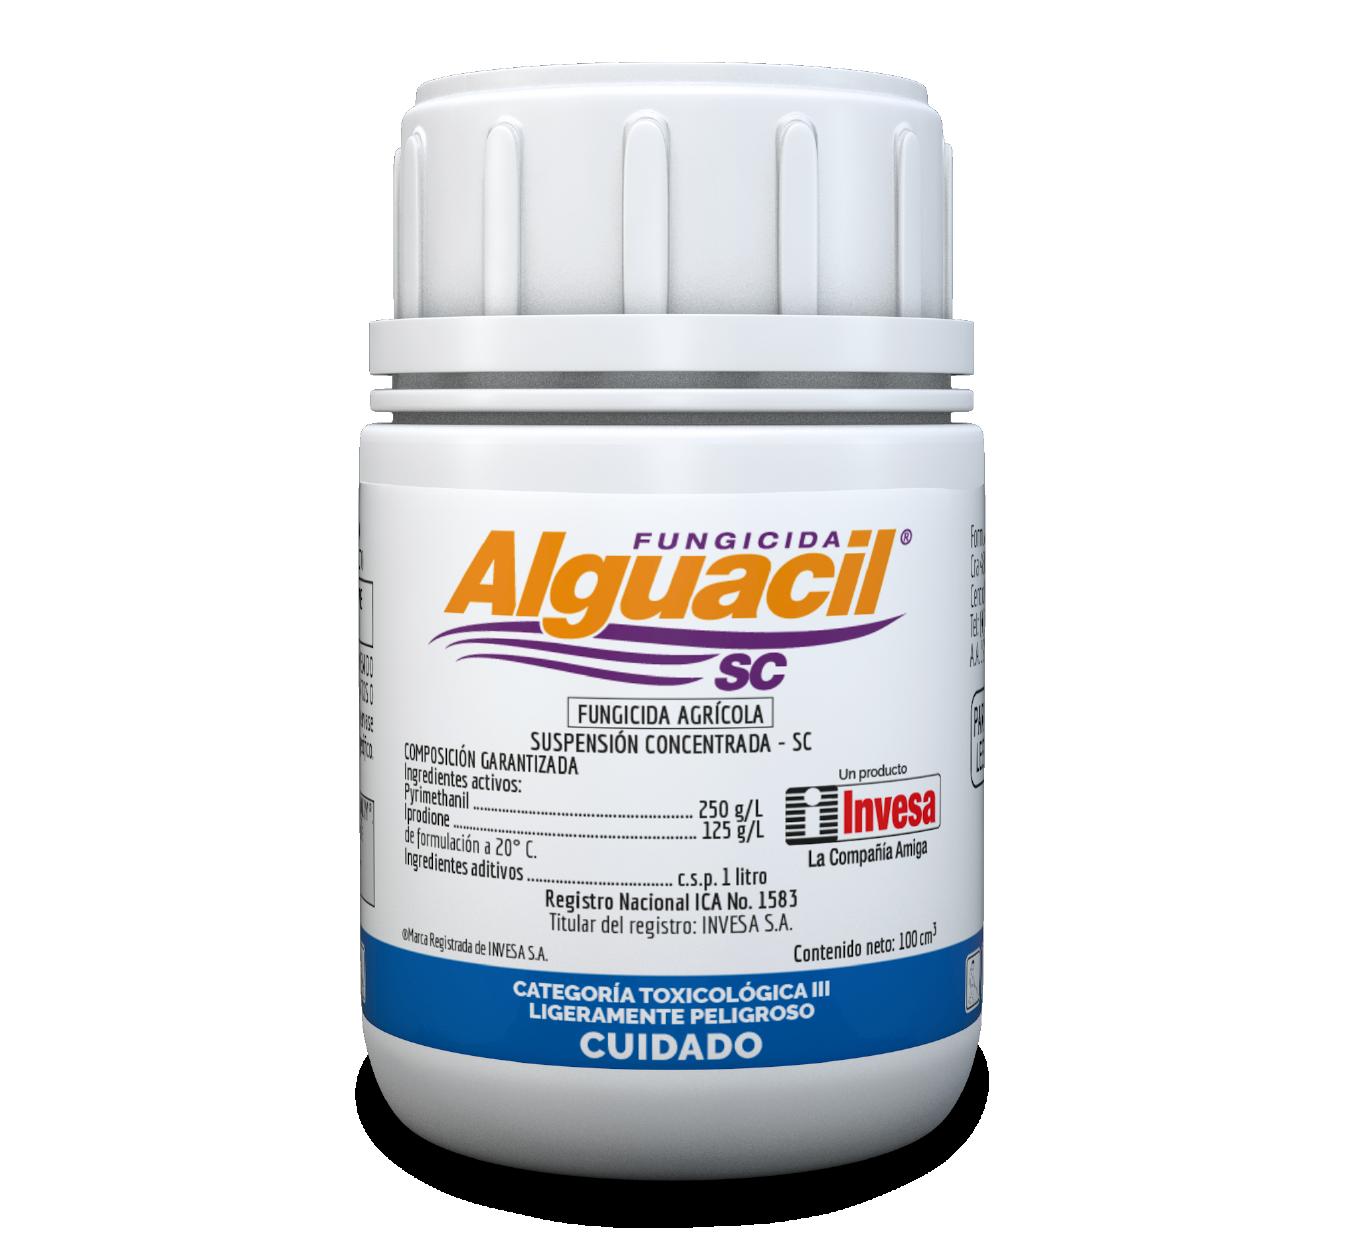 Fungicida alguacil sc invesa 100 cc